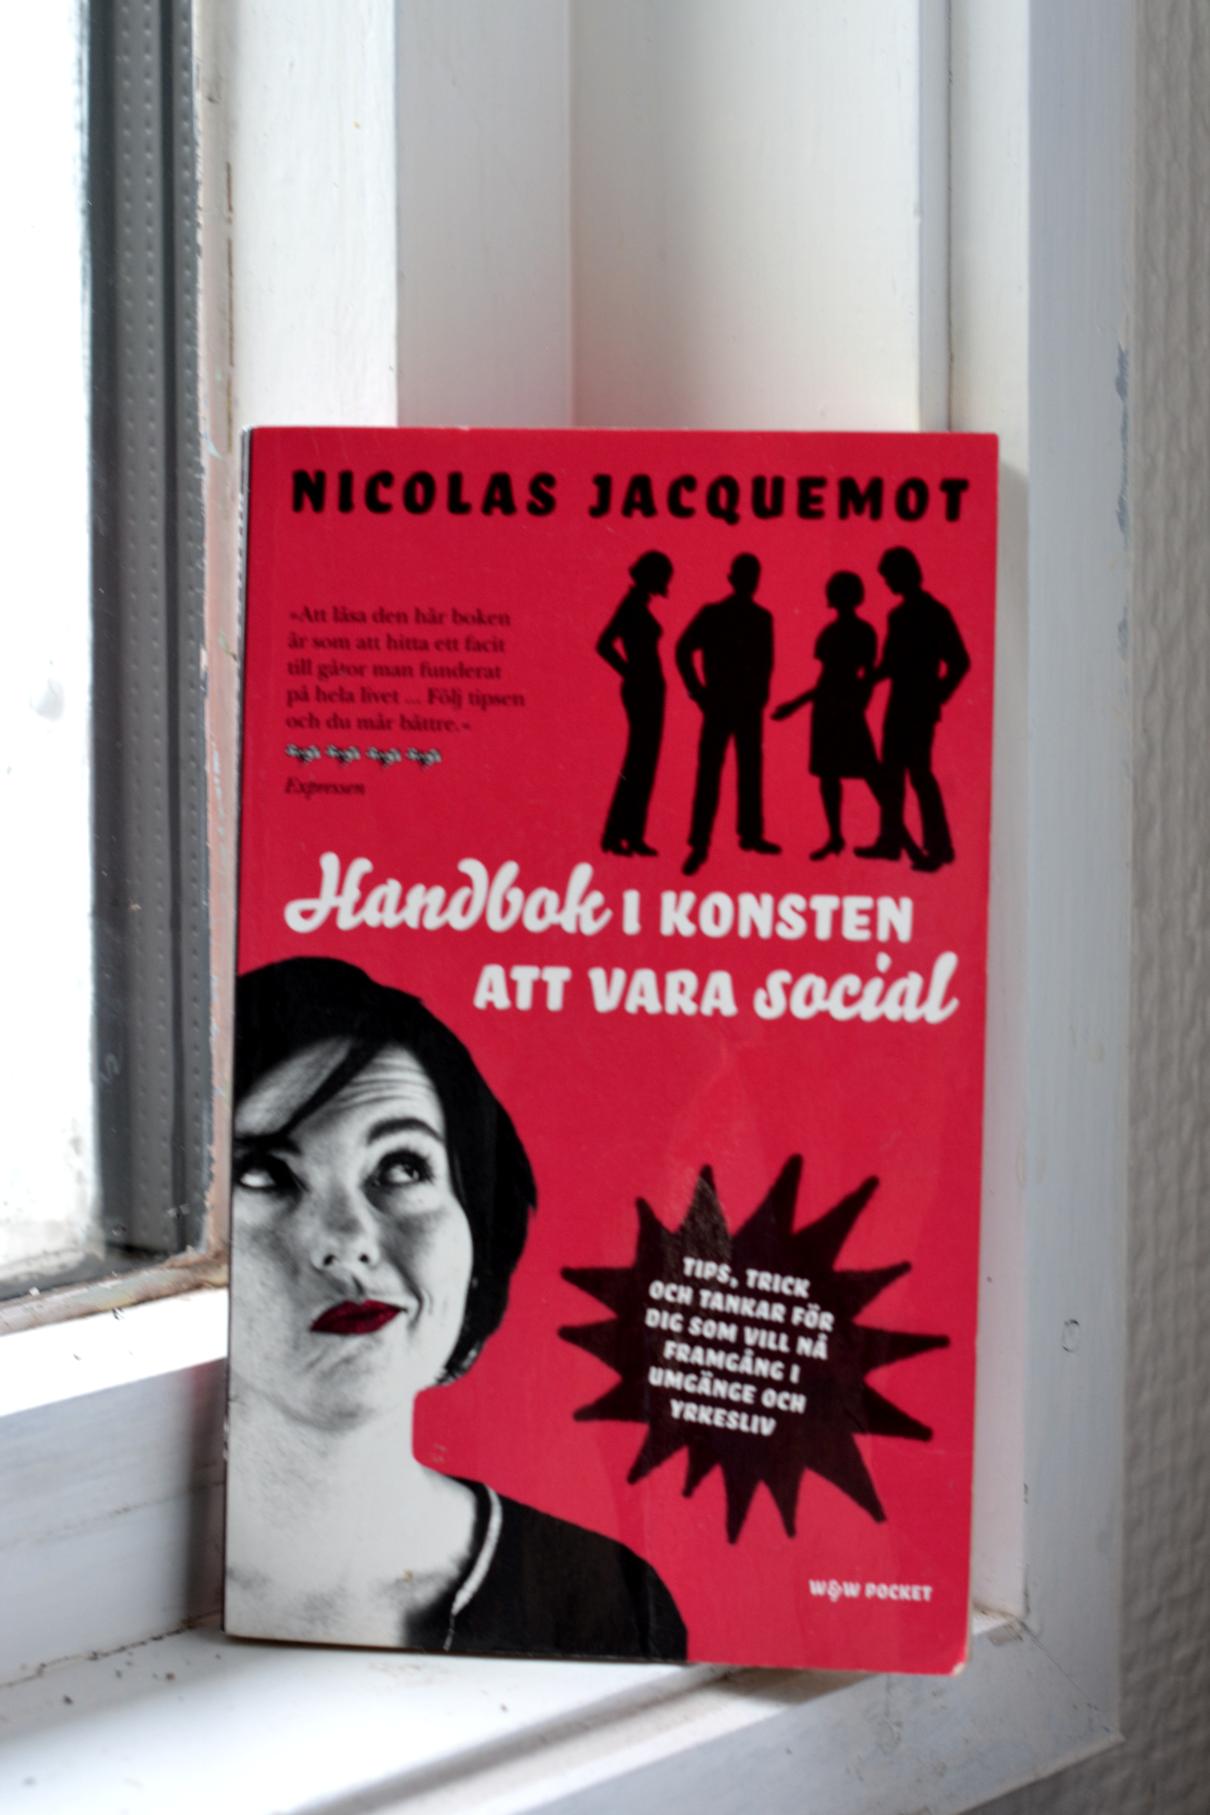 Handbok i konsten att vara social av Nicolas Jacquemot